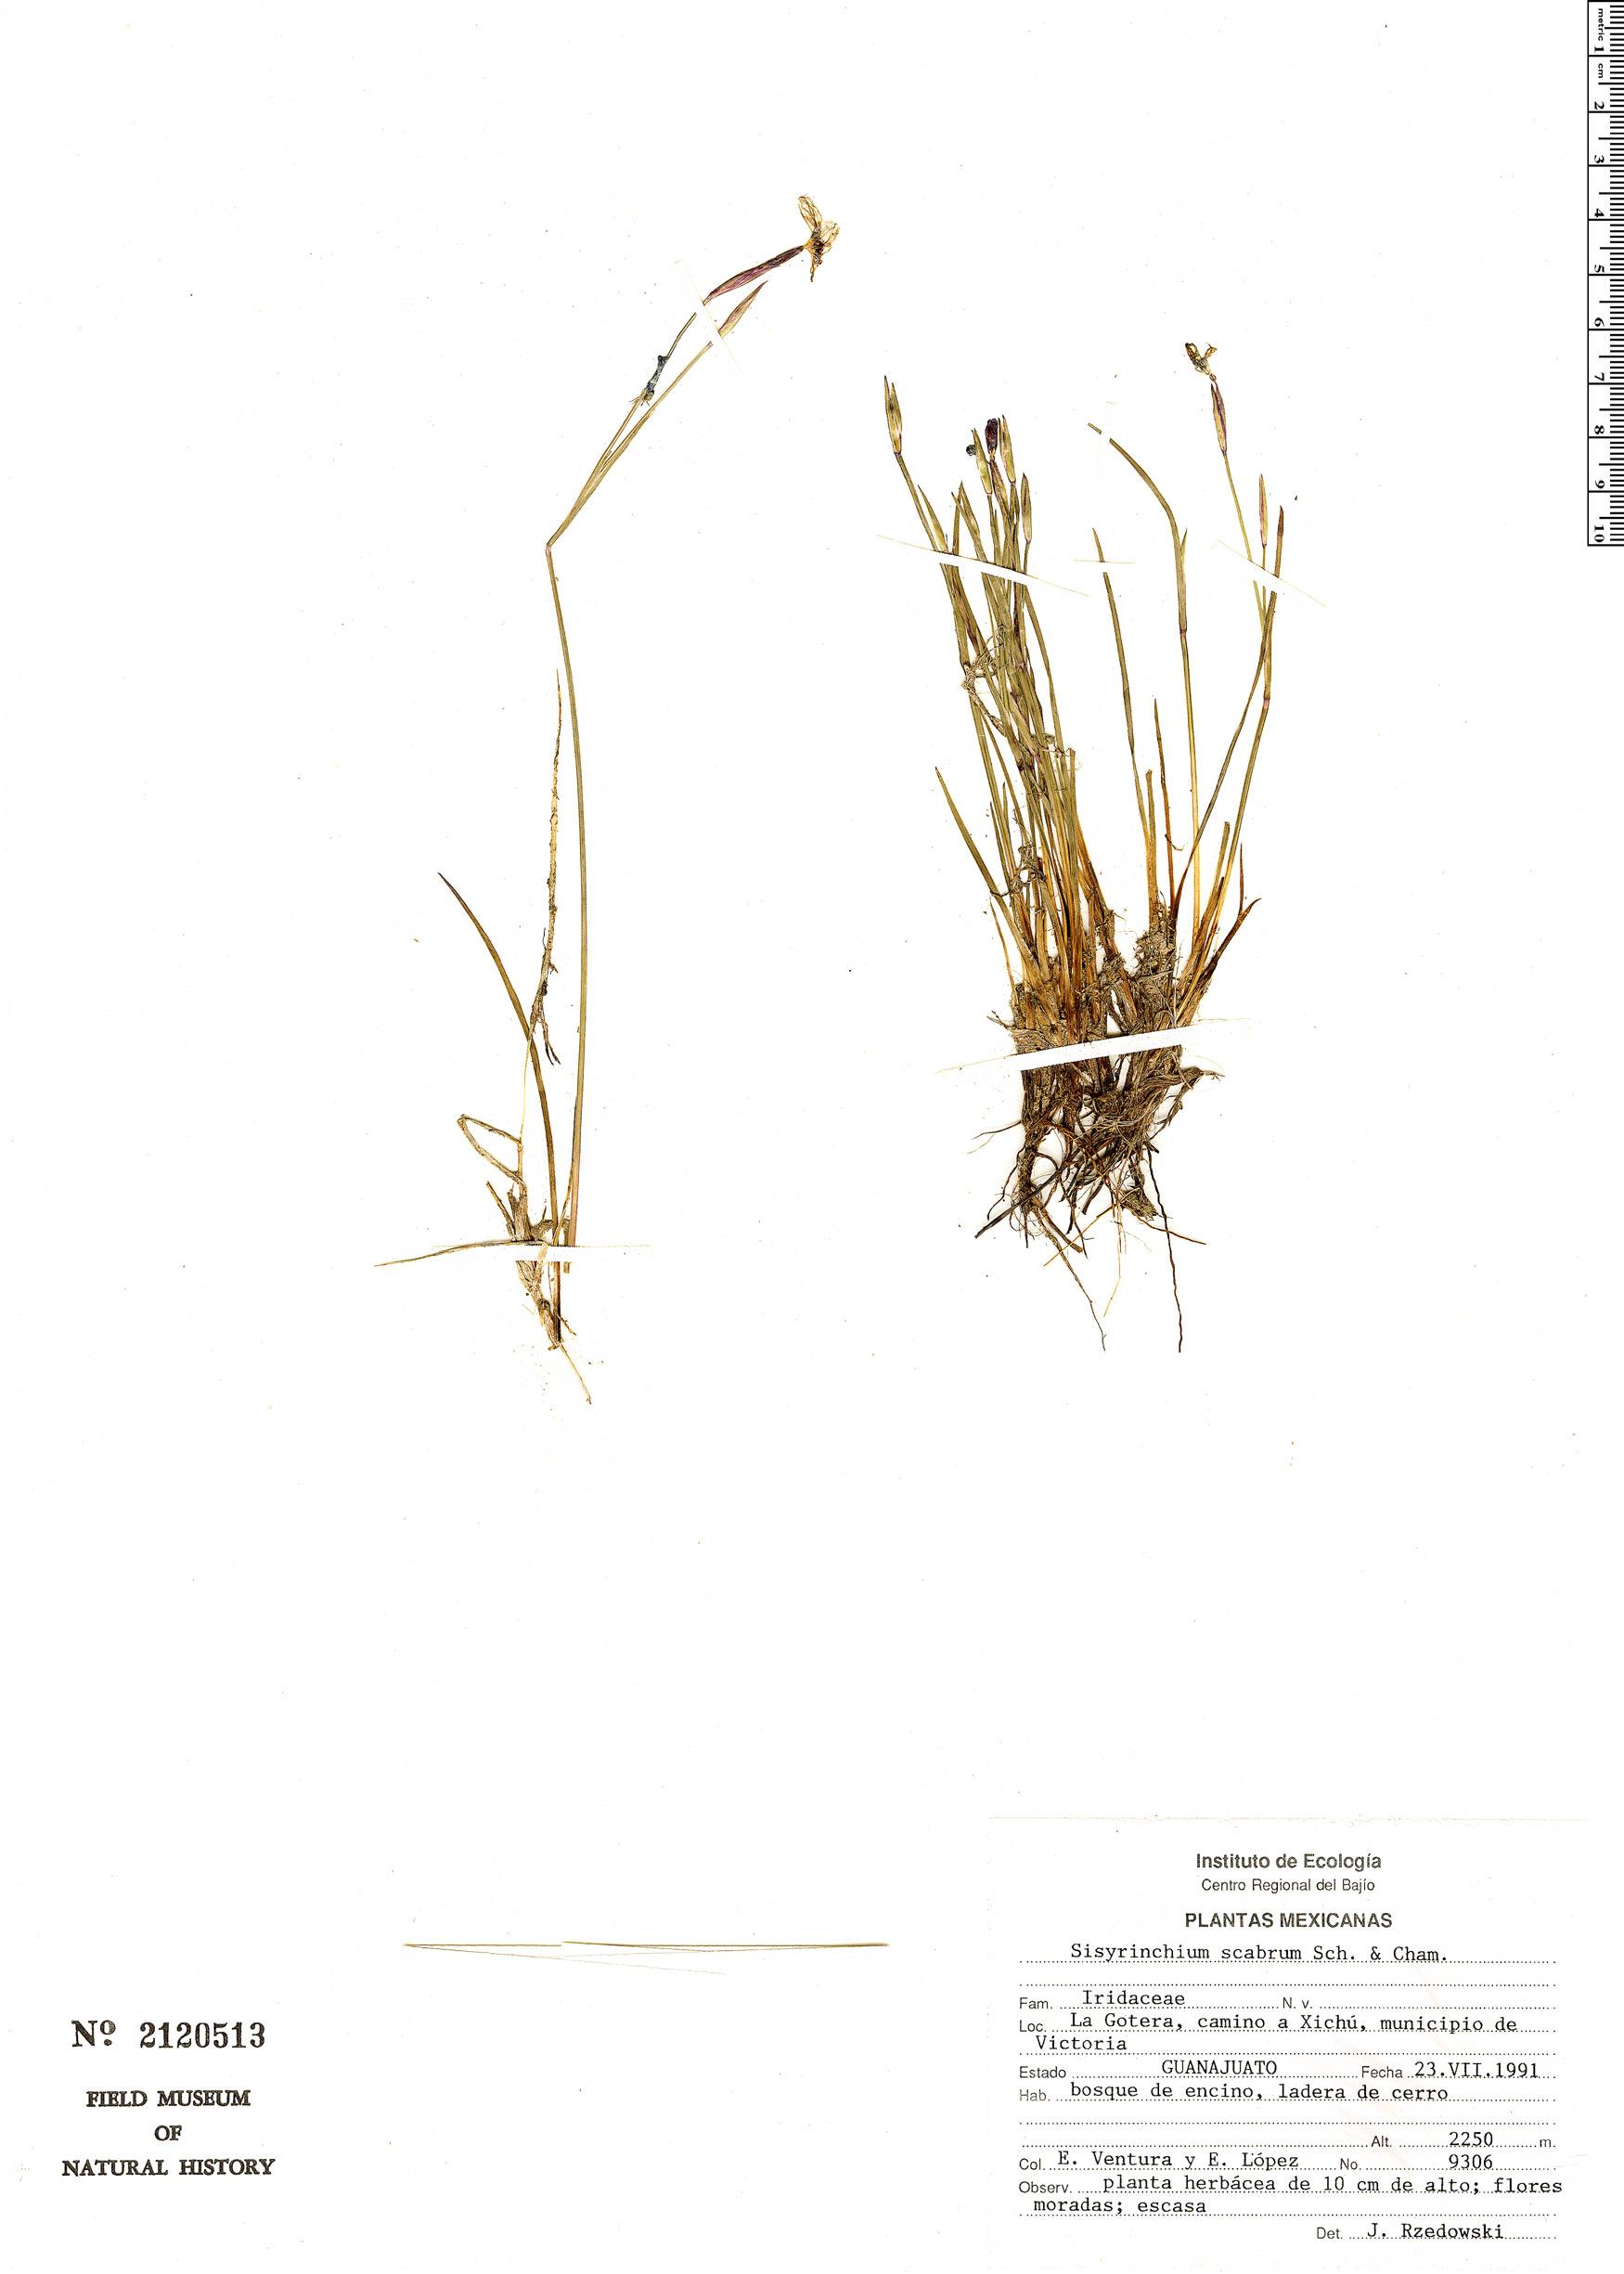 Sisyrinchium scabrum image